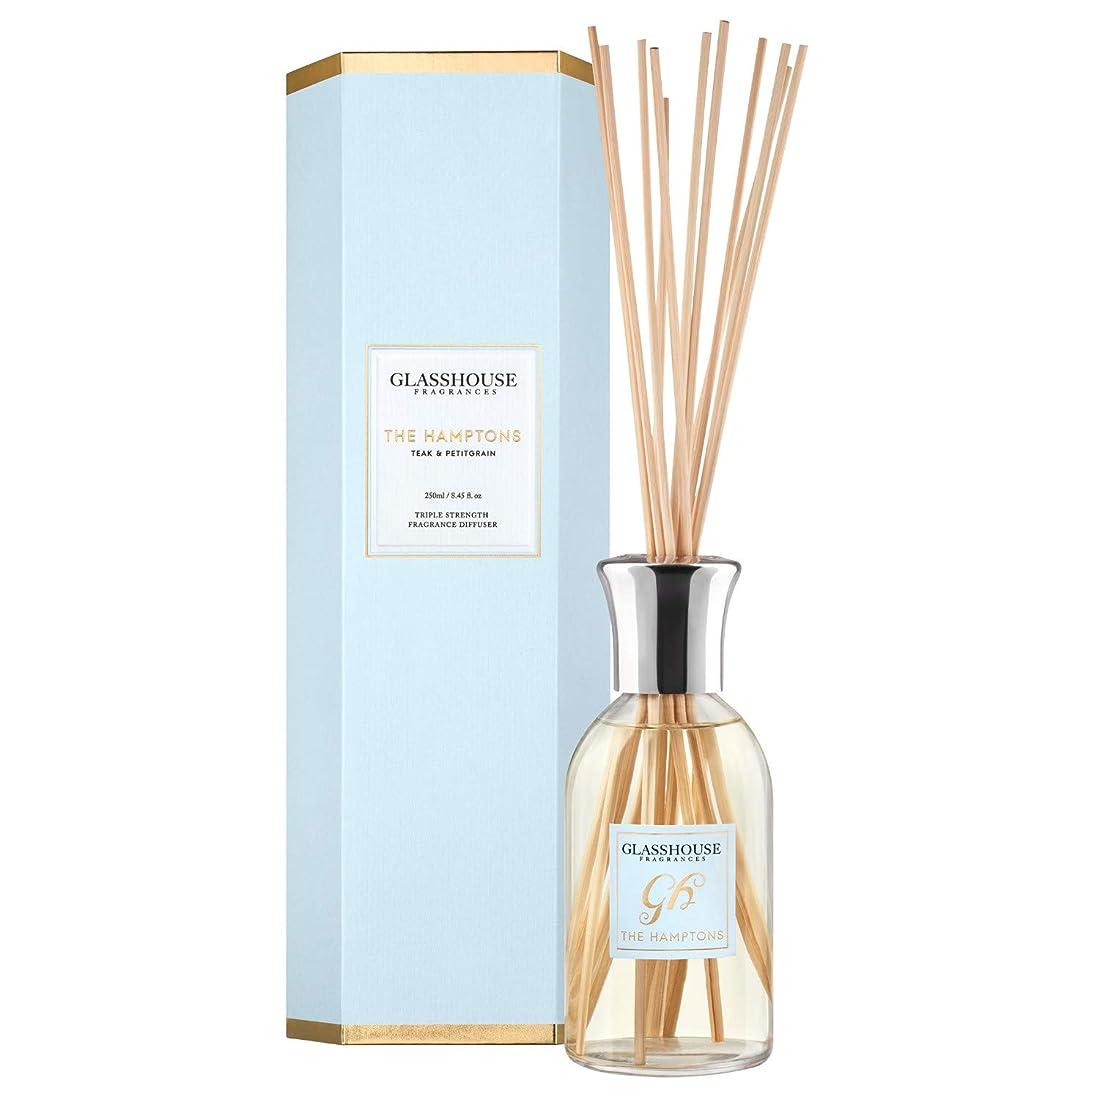 ジャーナル義務的透けるグラスハウス Triple Strength Fragrance Diffuser - The Hamptons 250ml/8.45oz並行輸入品